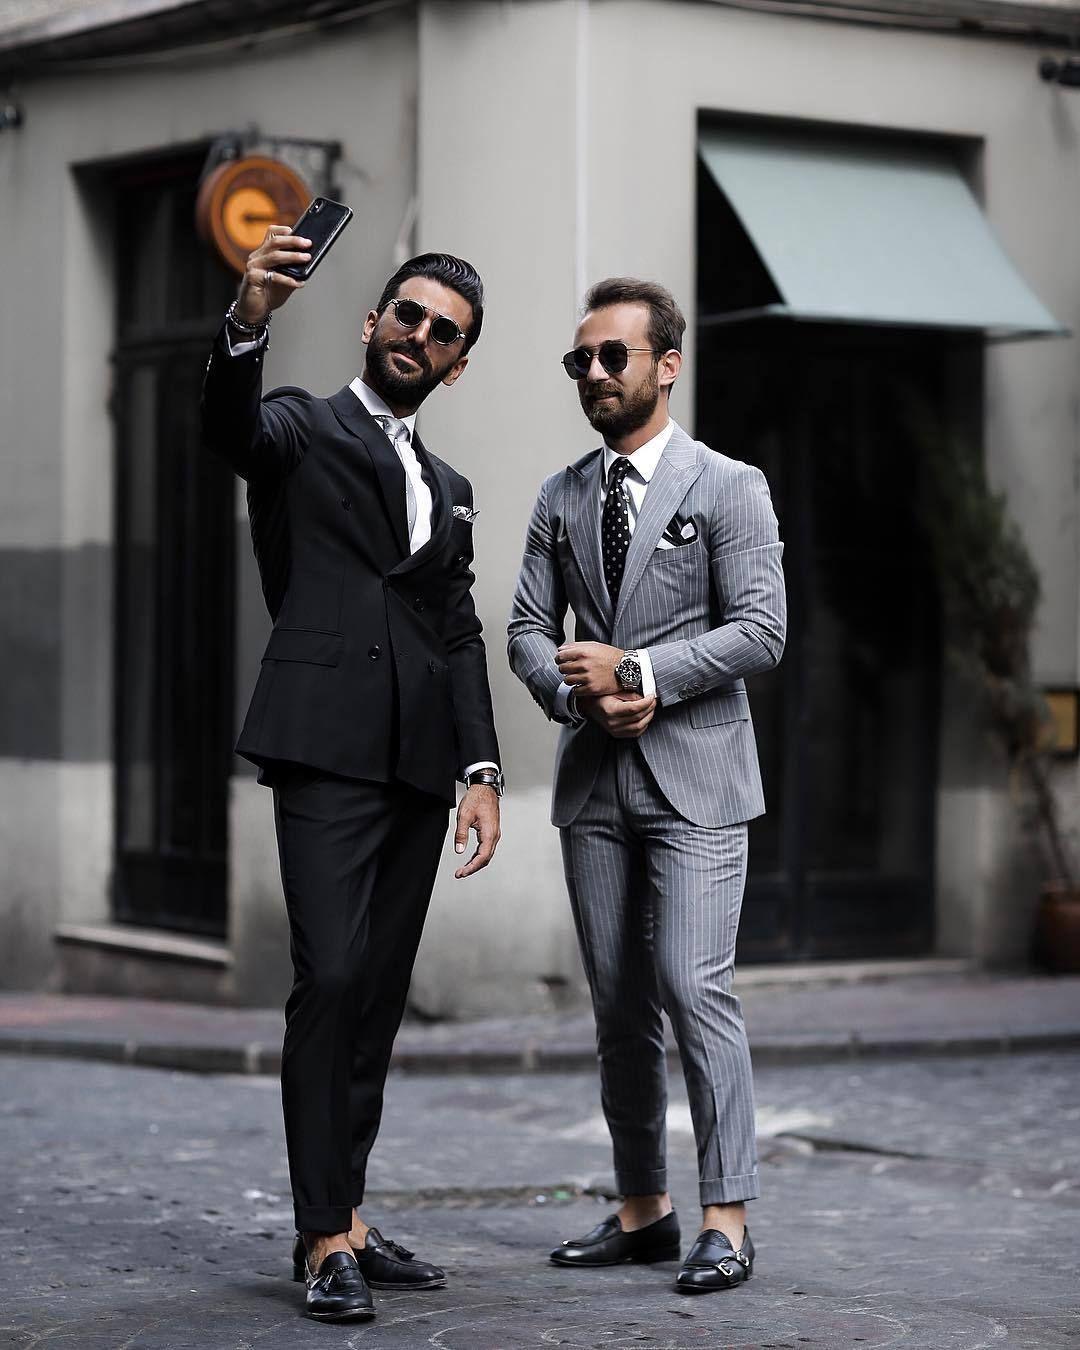 e426a11a78da Mens Look Most popular fashion blog for Men - Men's LookBook ...